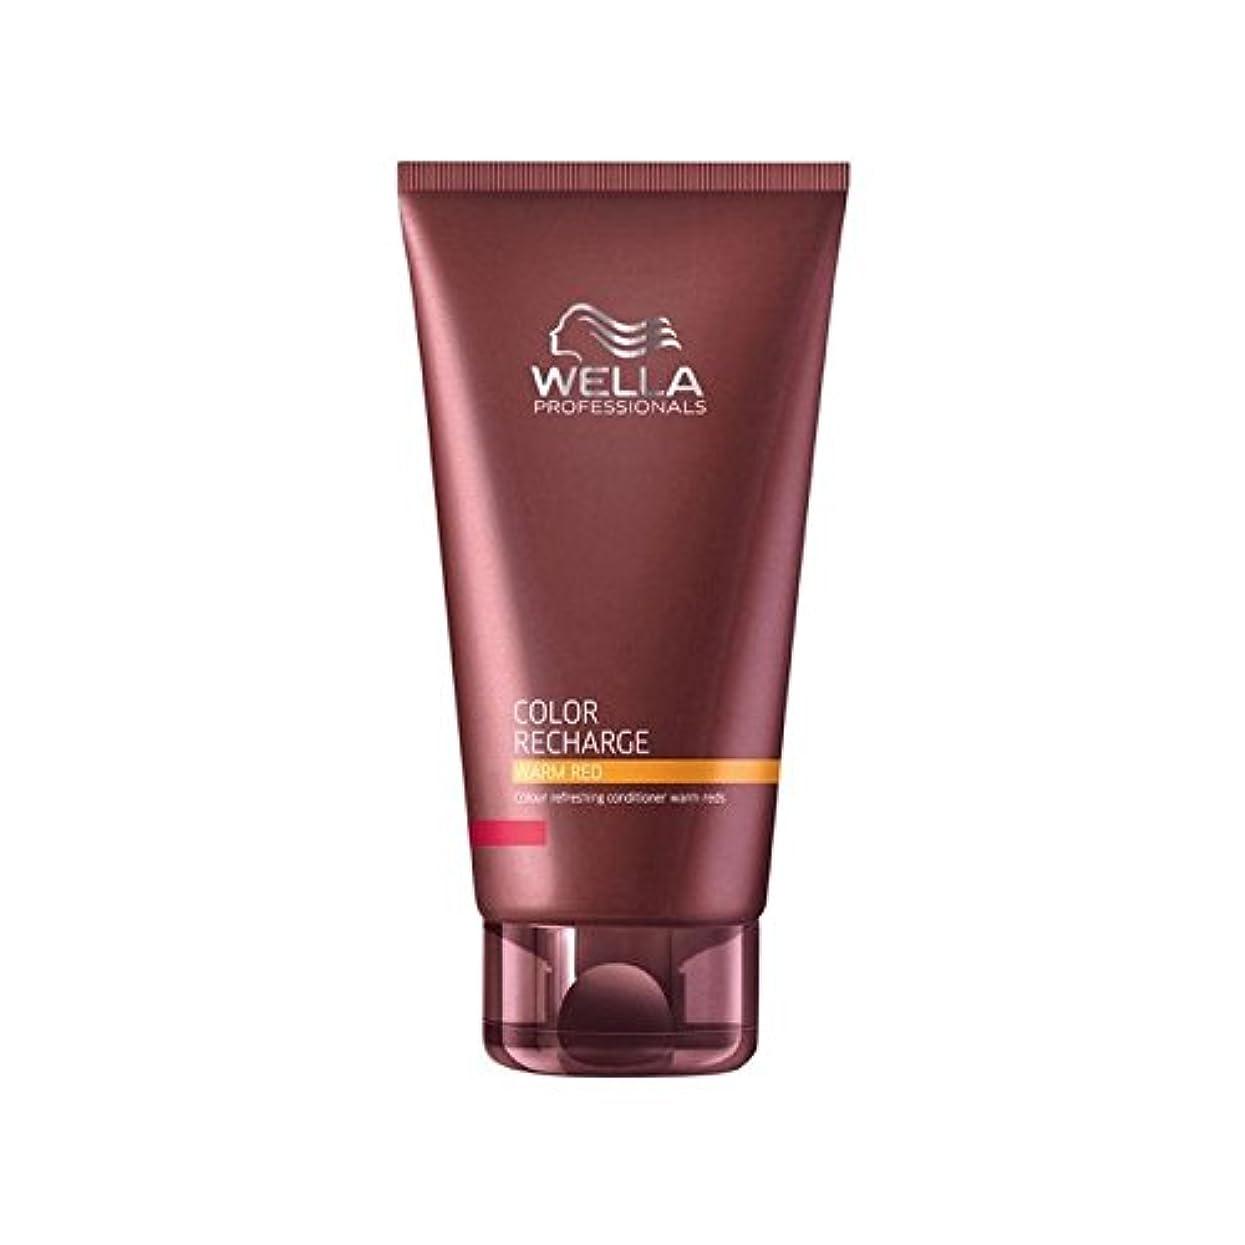 懲らしめバリケード解説Wella Professionals Color Recharge Conditioner Warm Red (200ml) (Pack of 6) - ウエラ専門家のカラー再充電コンディショナー暖かい赤(200ミリリットル...